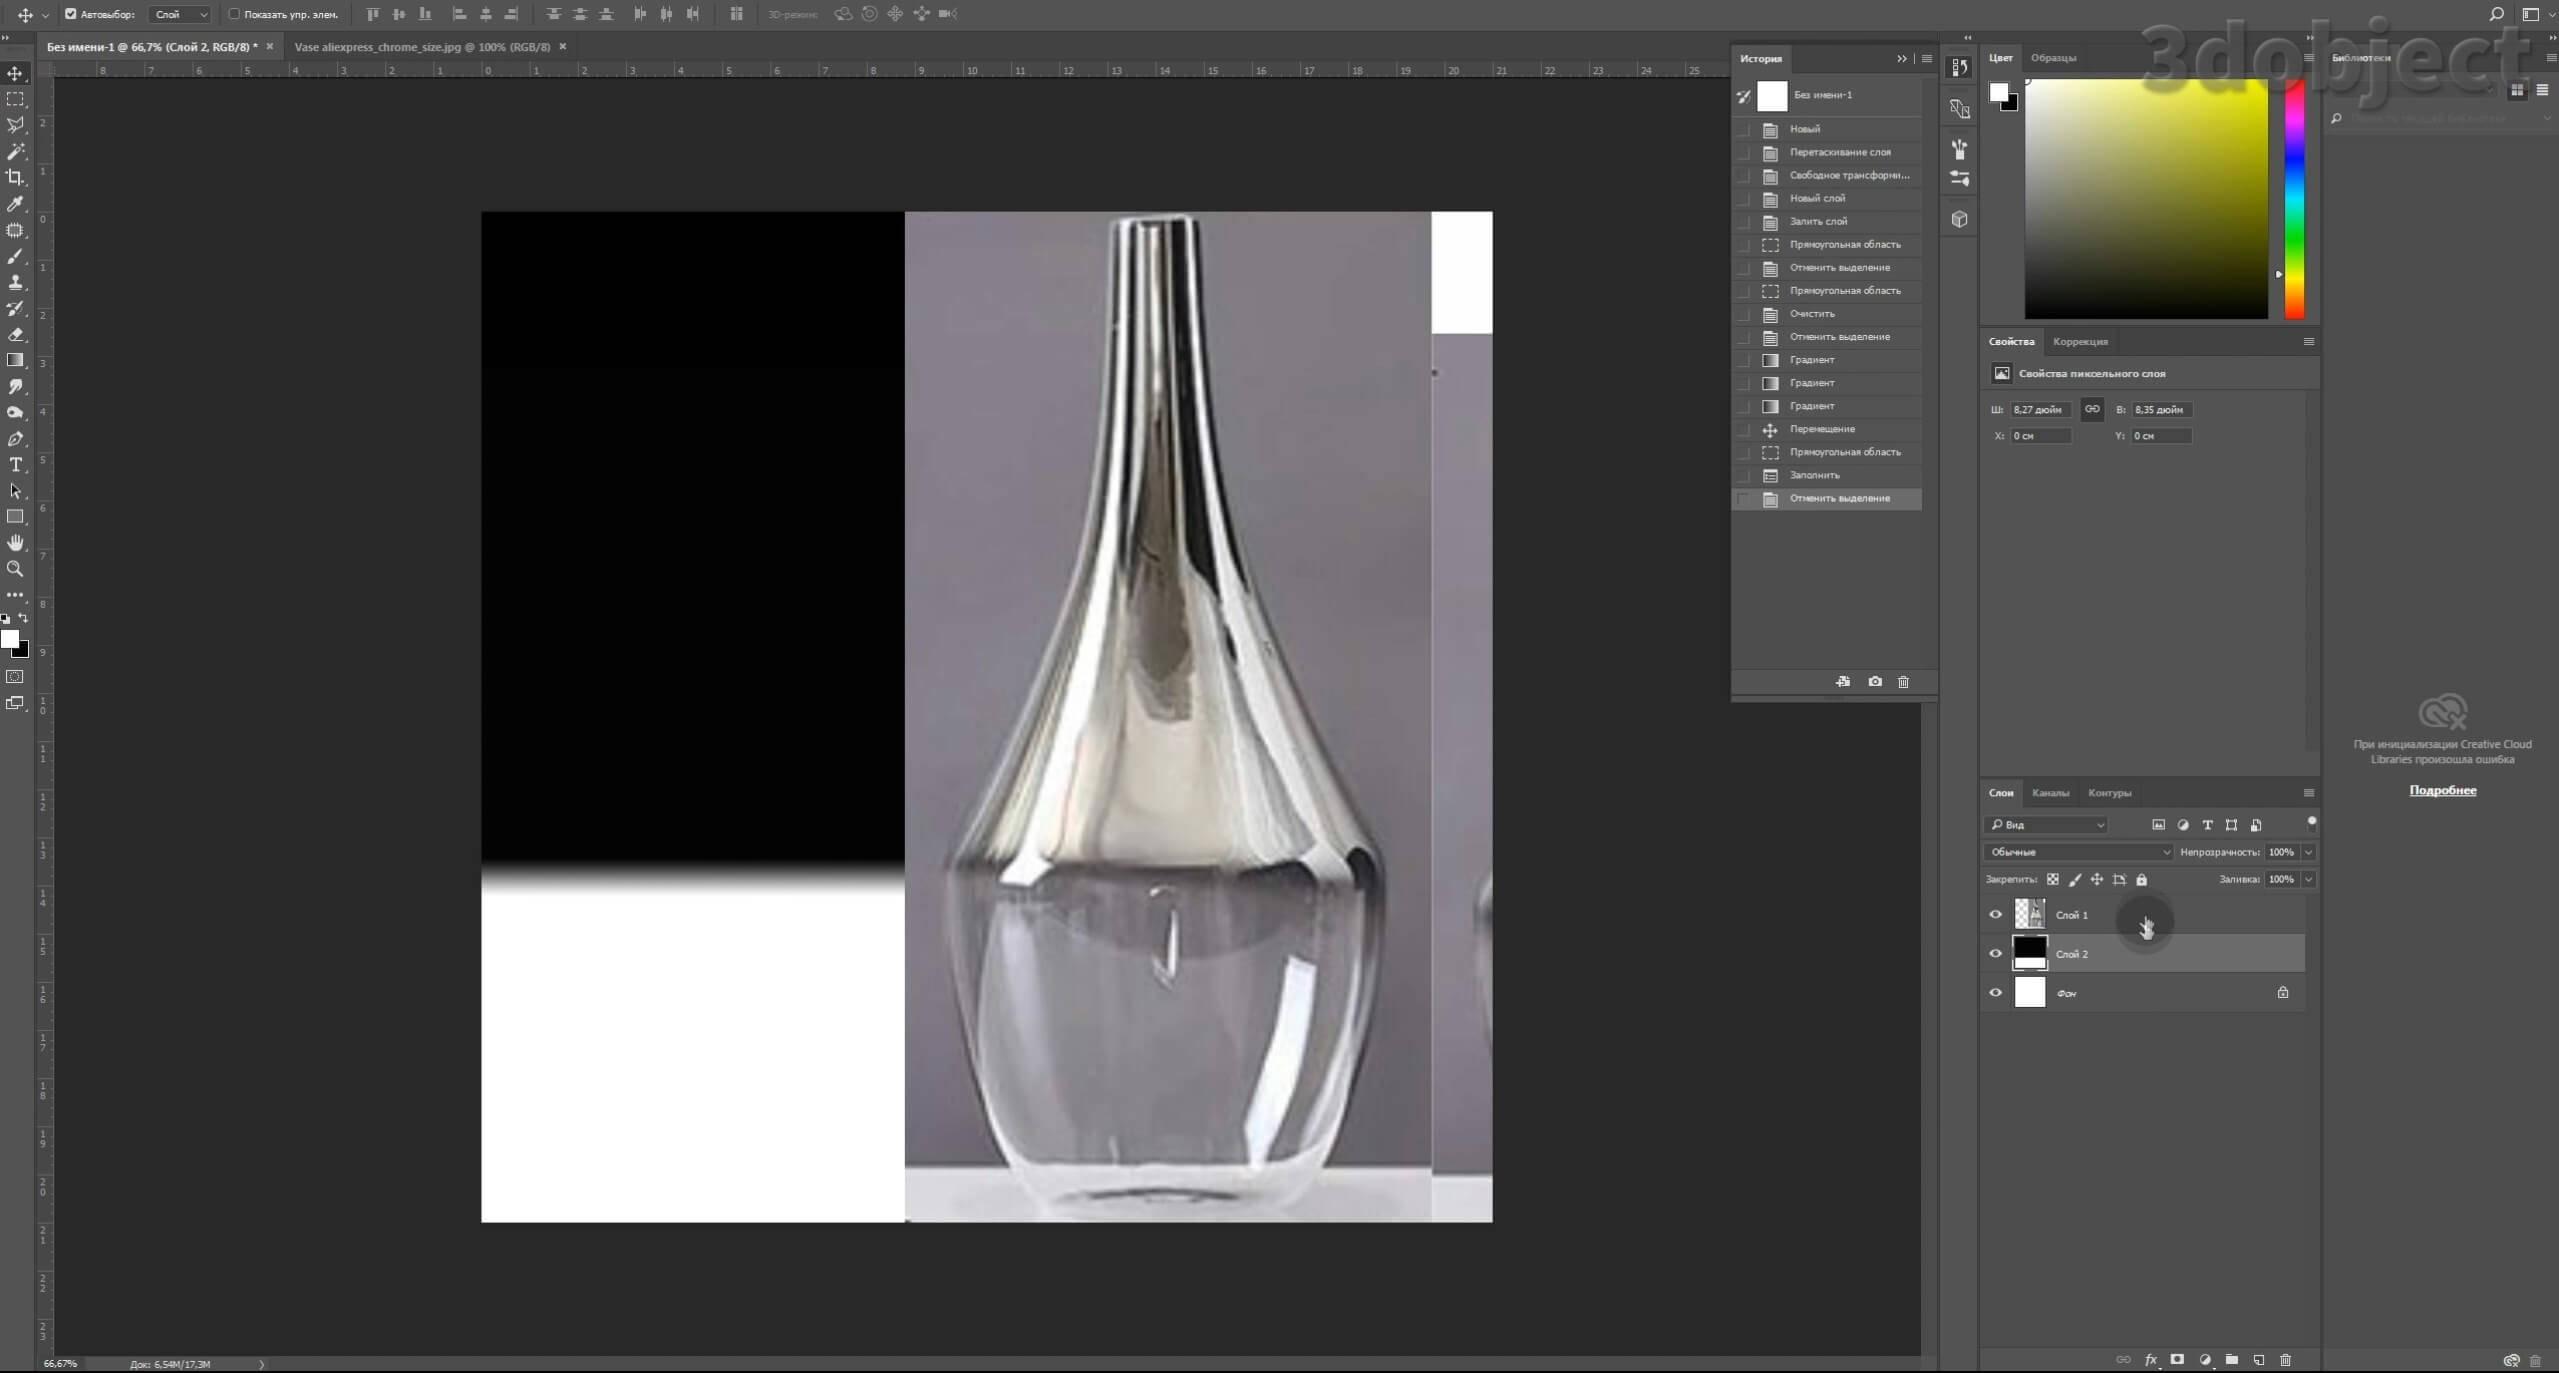 Моделирование вазы. Текстурирование в 3d max. Gradient map = Gradient mask_10